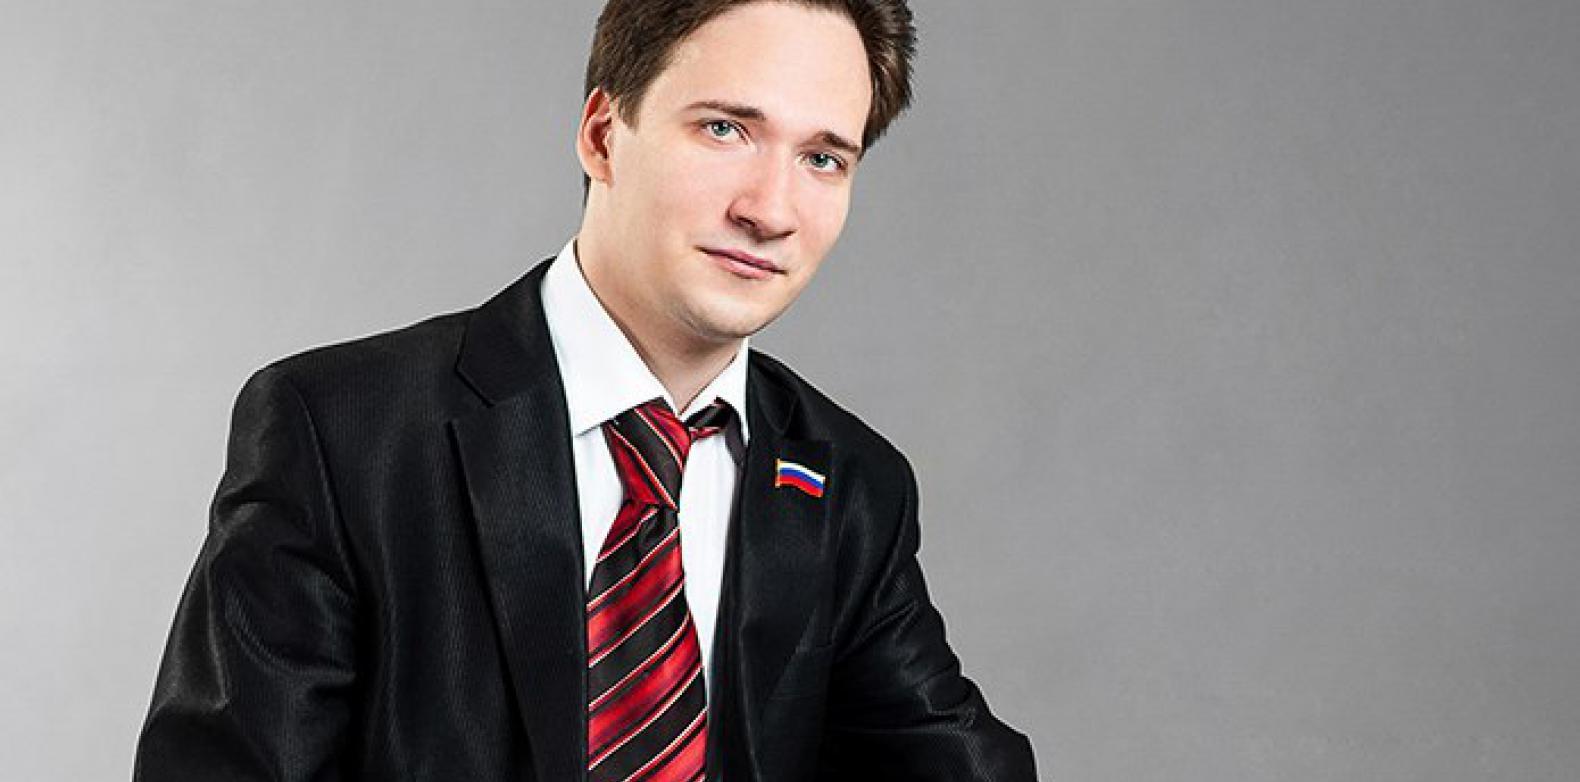 Эксперт: террористов на саммите в Сочи быть не должно